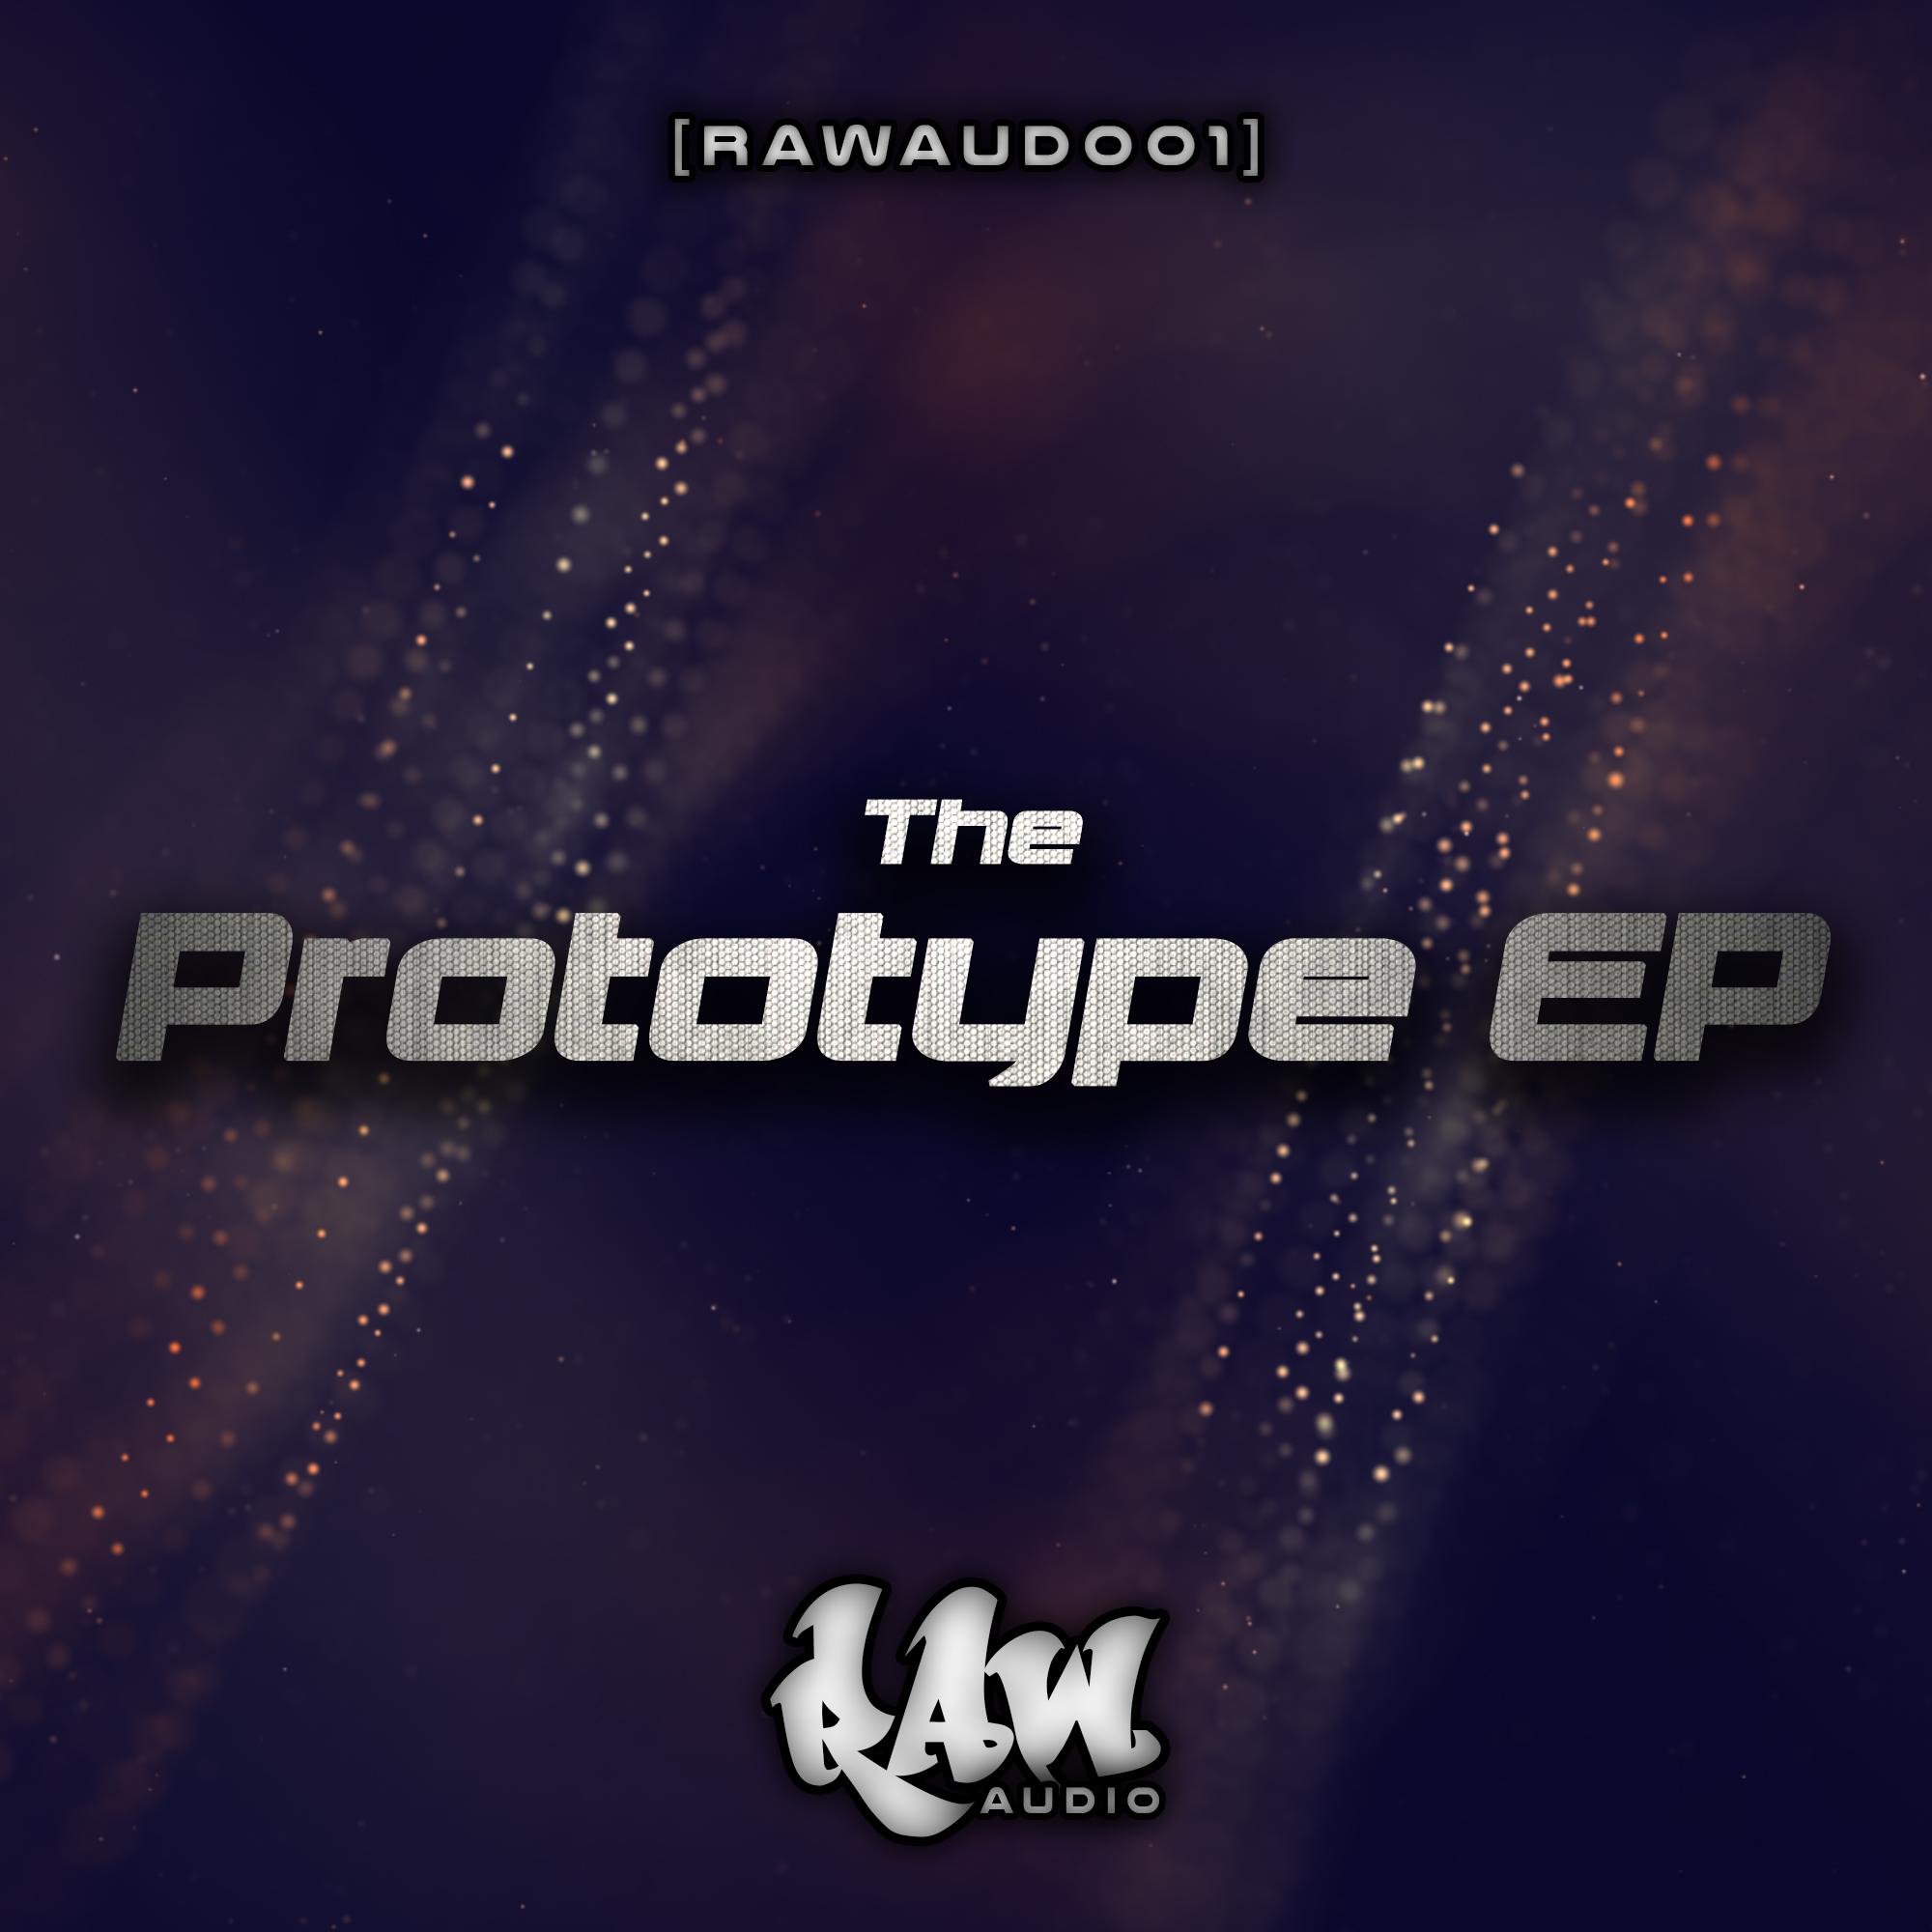 prototypefoldercover